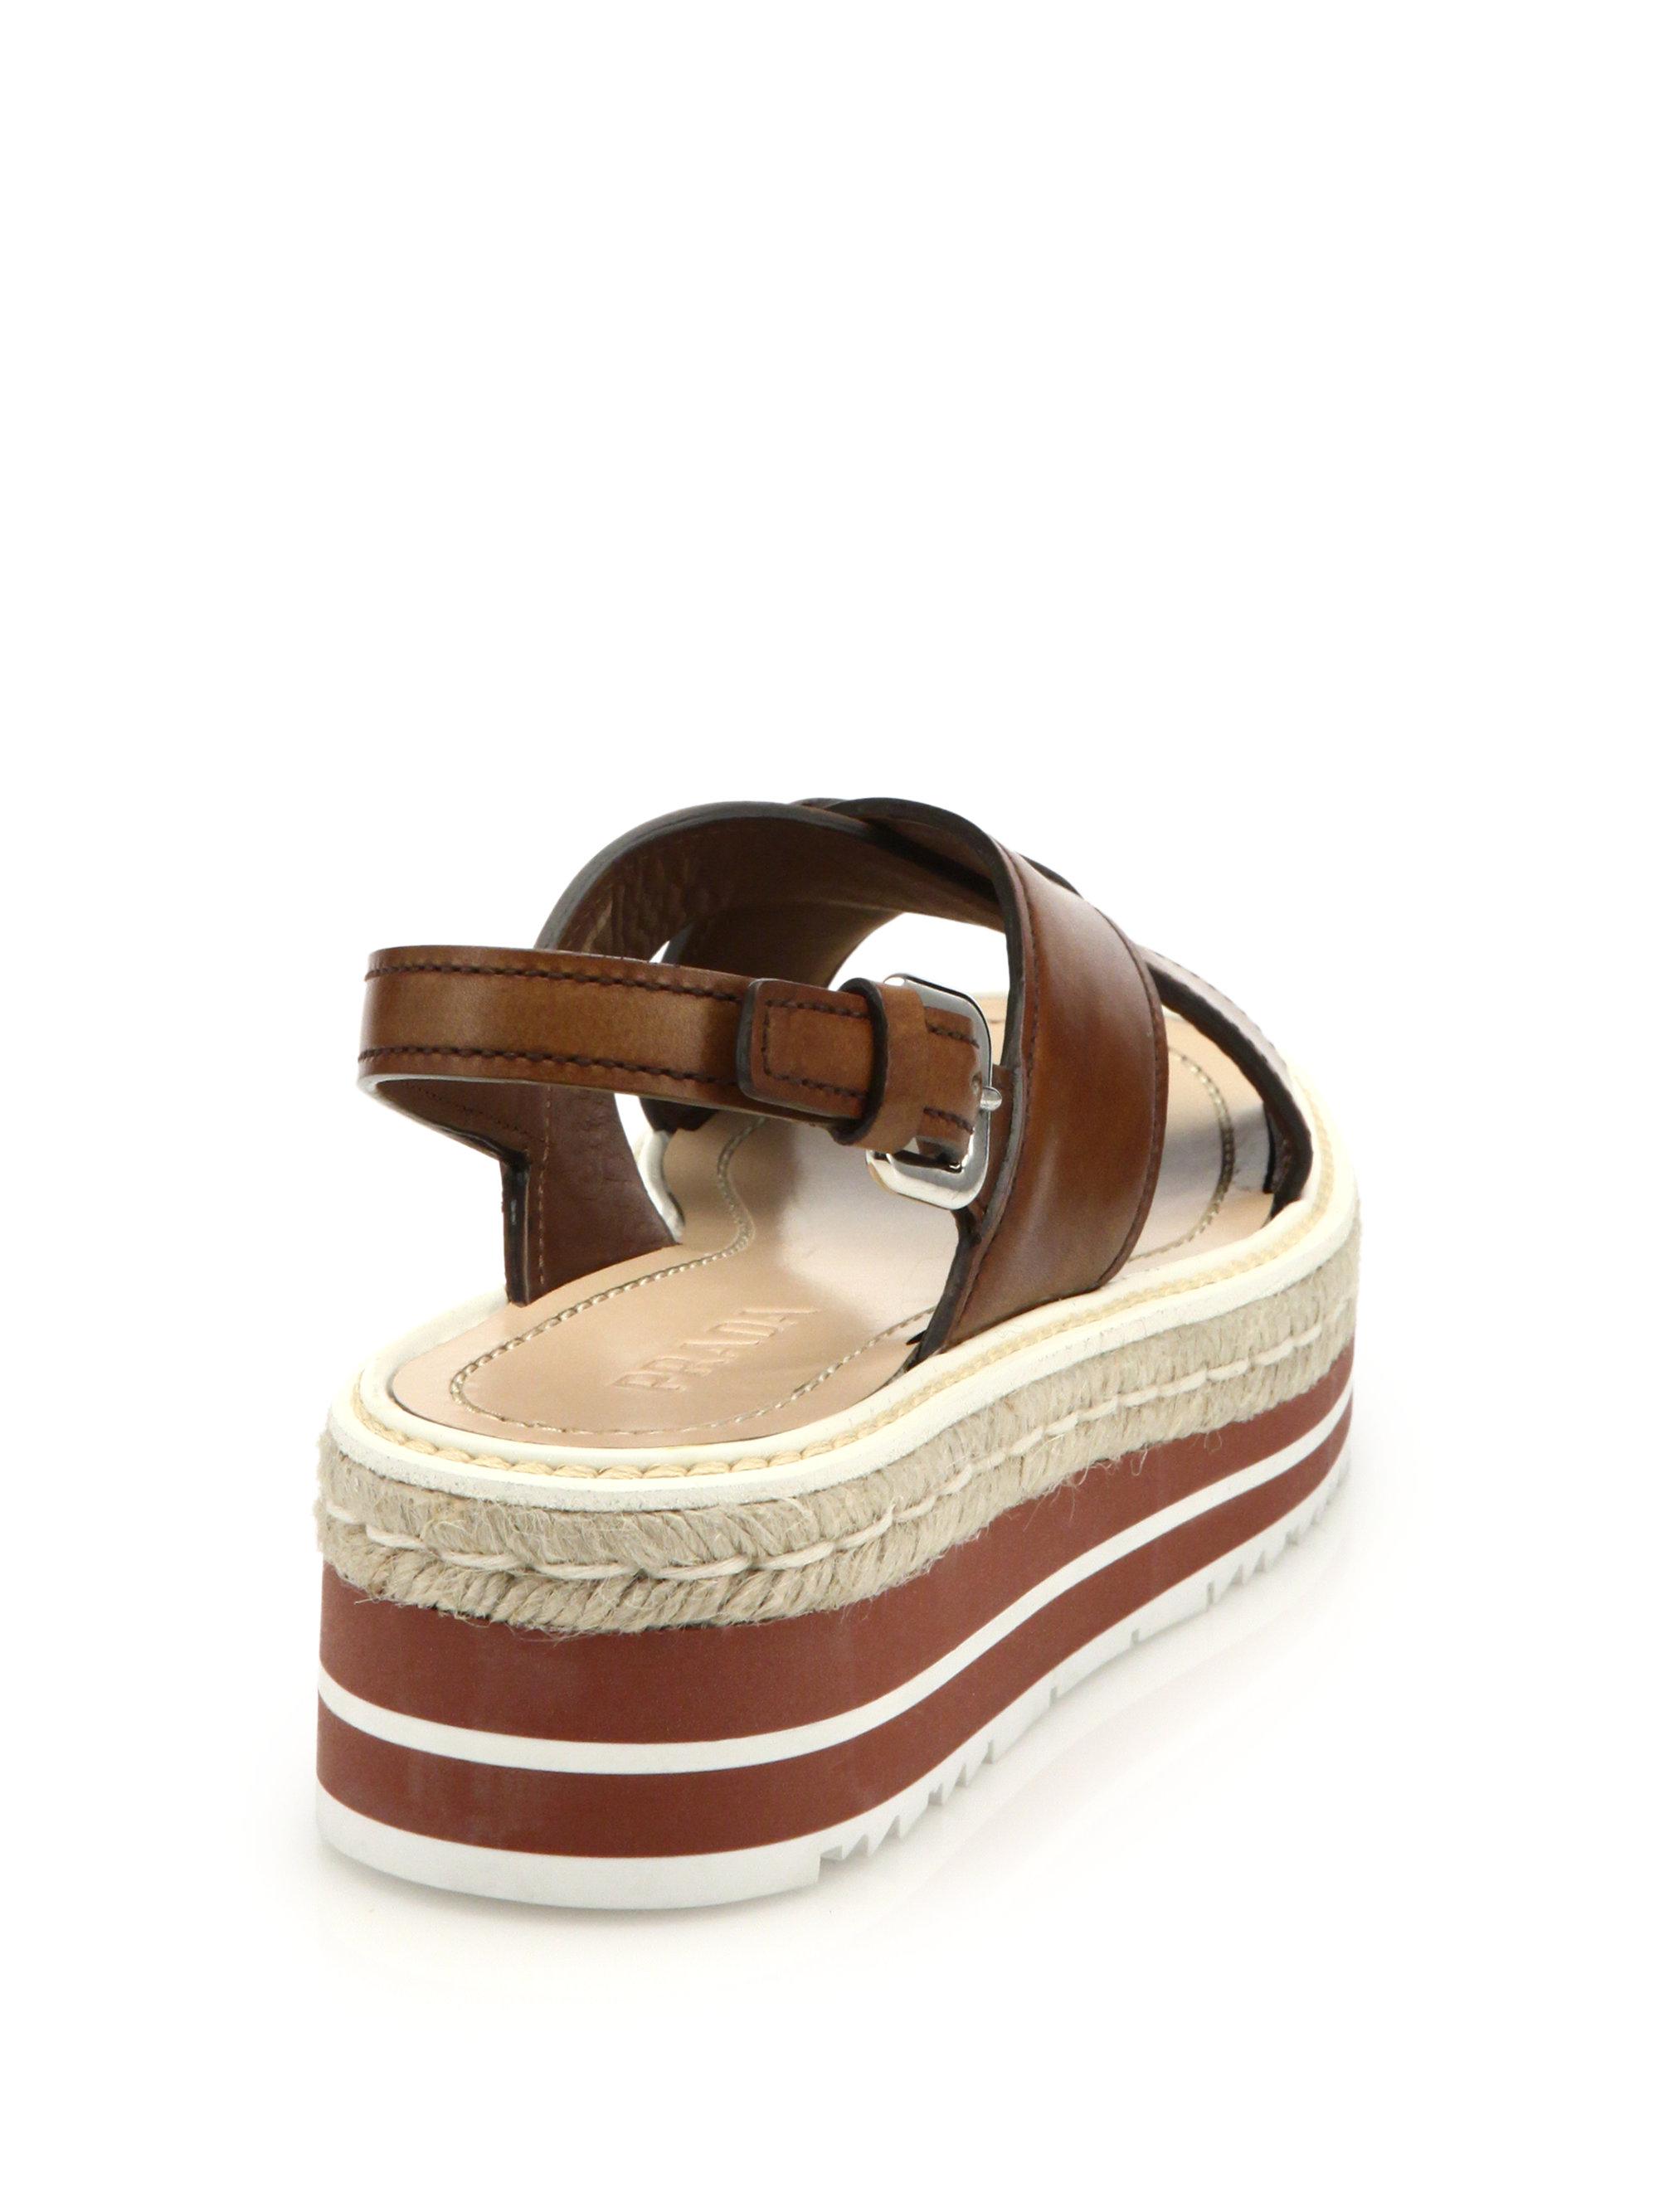 Prada platform sole sandals cheap real zUbG2qK